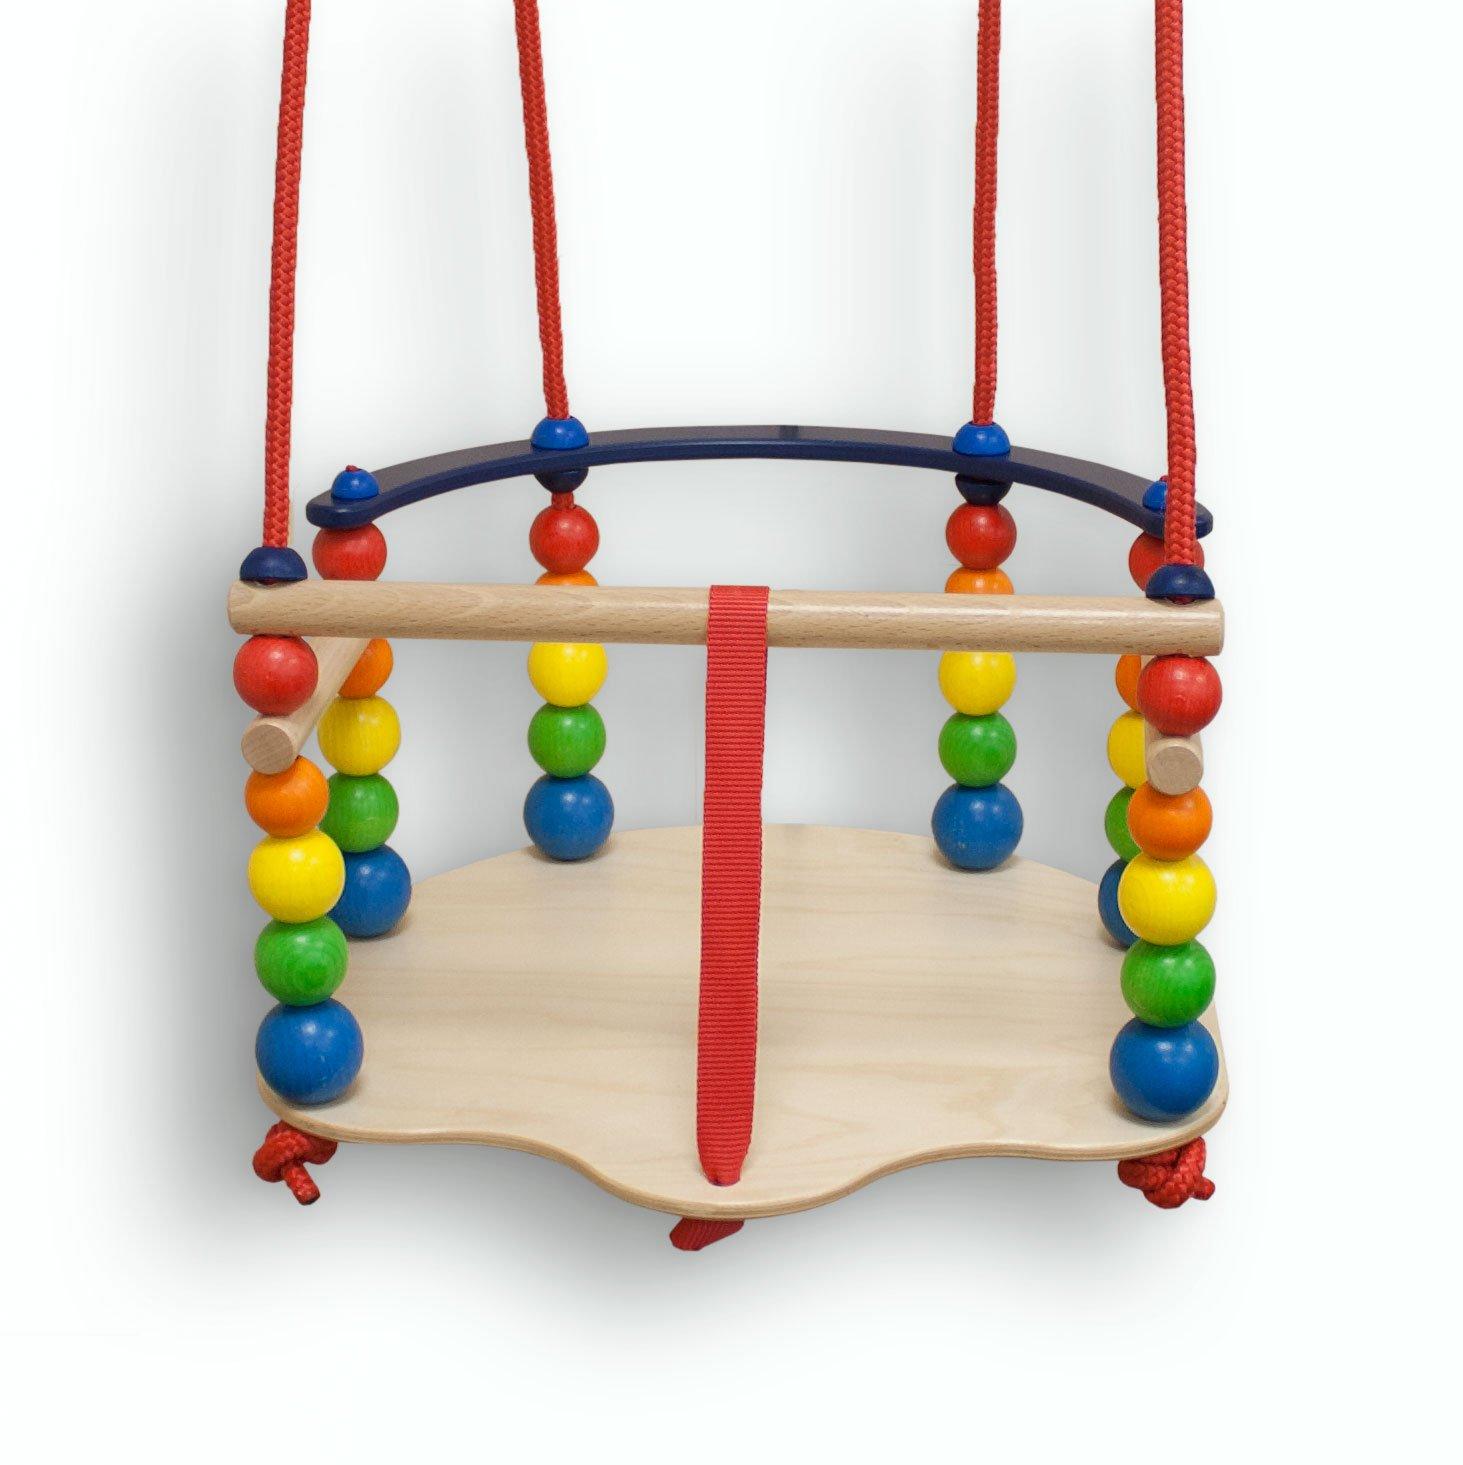 Hess Gitterschaukel de luxe - Kleinkinder Holzschaukel